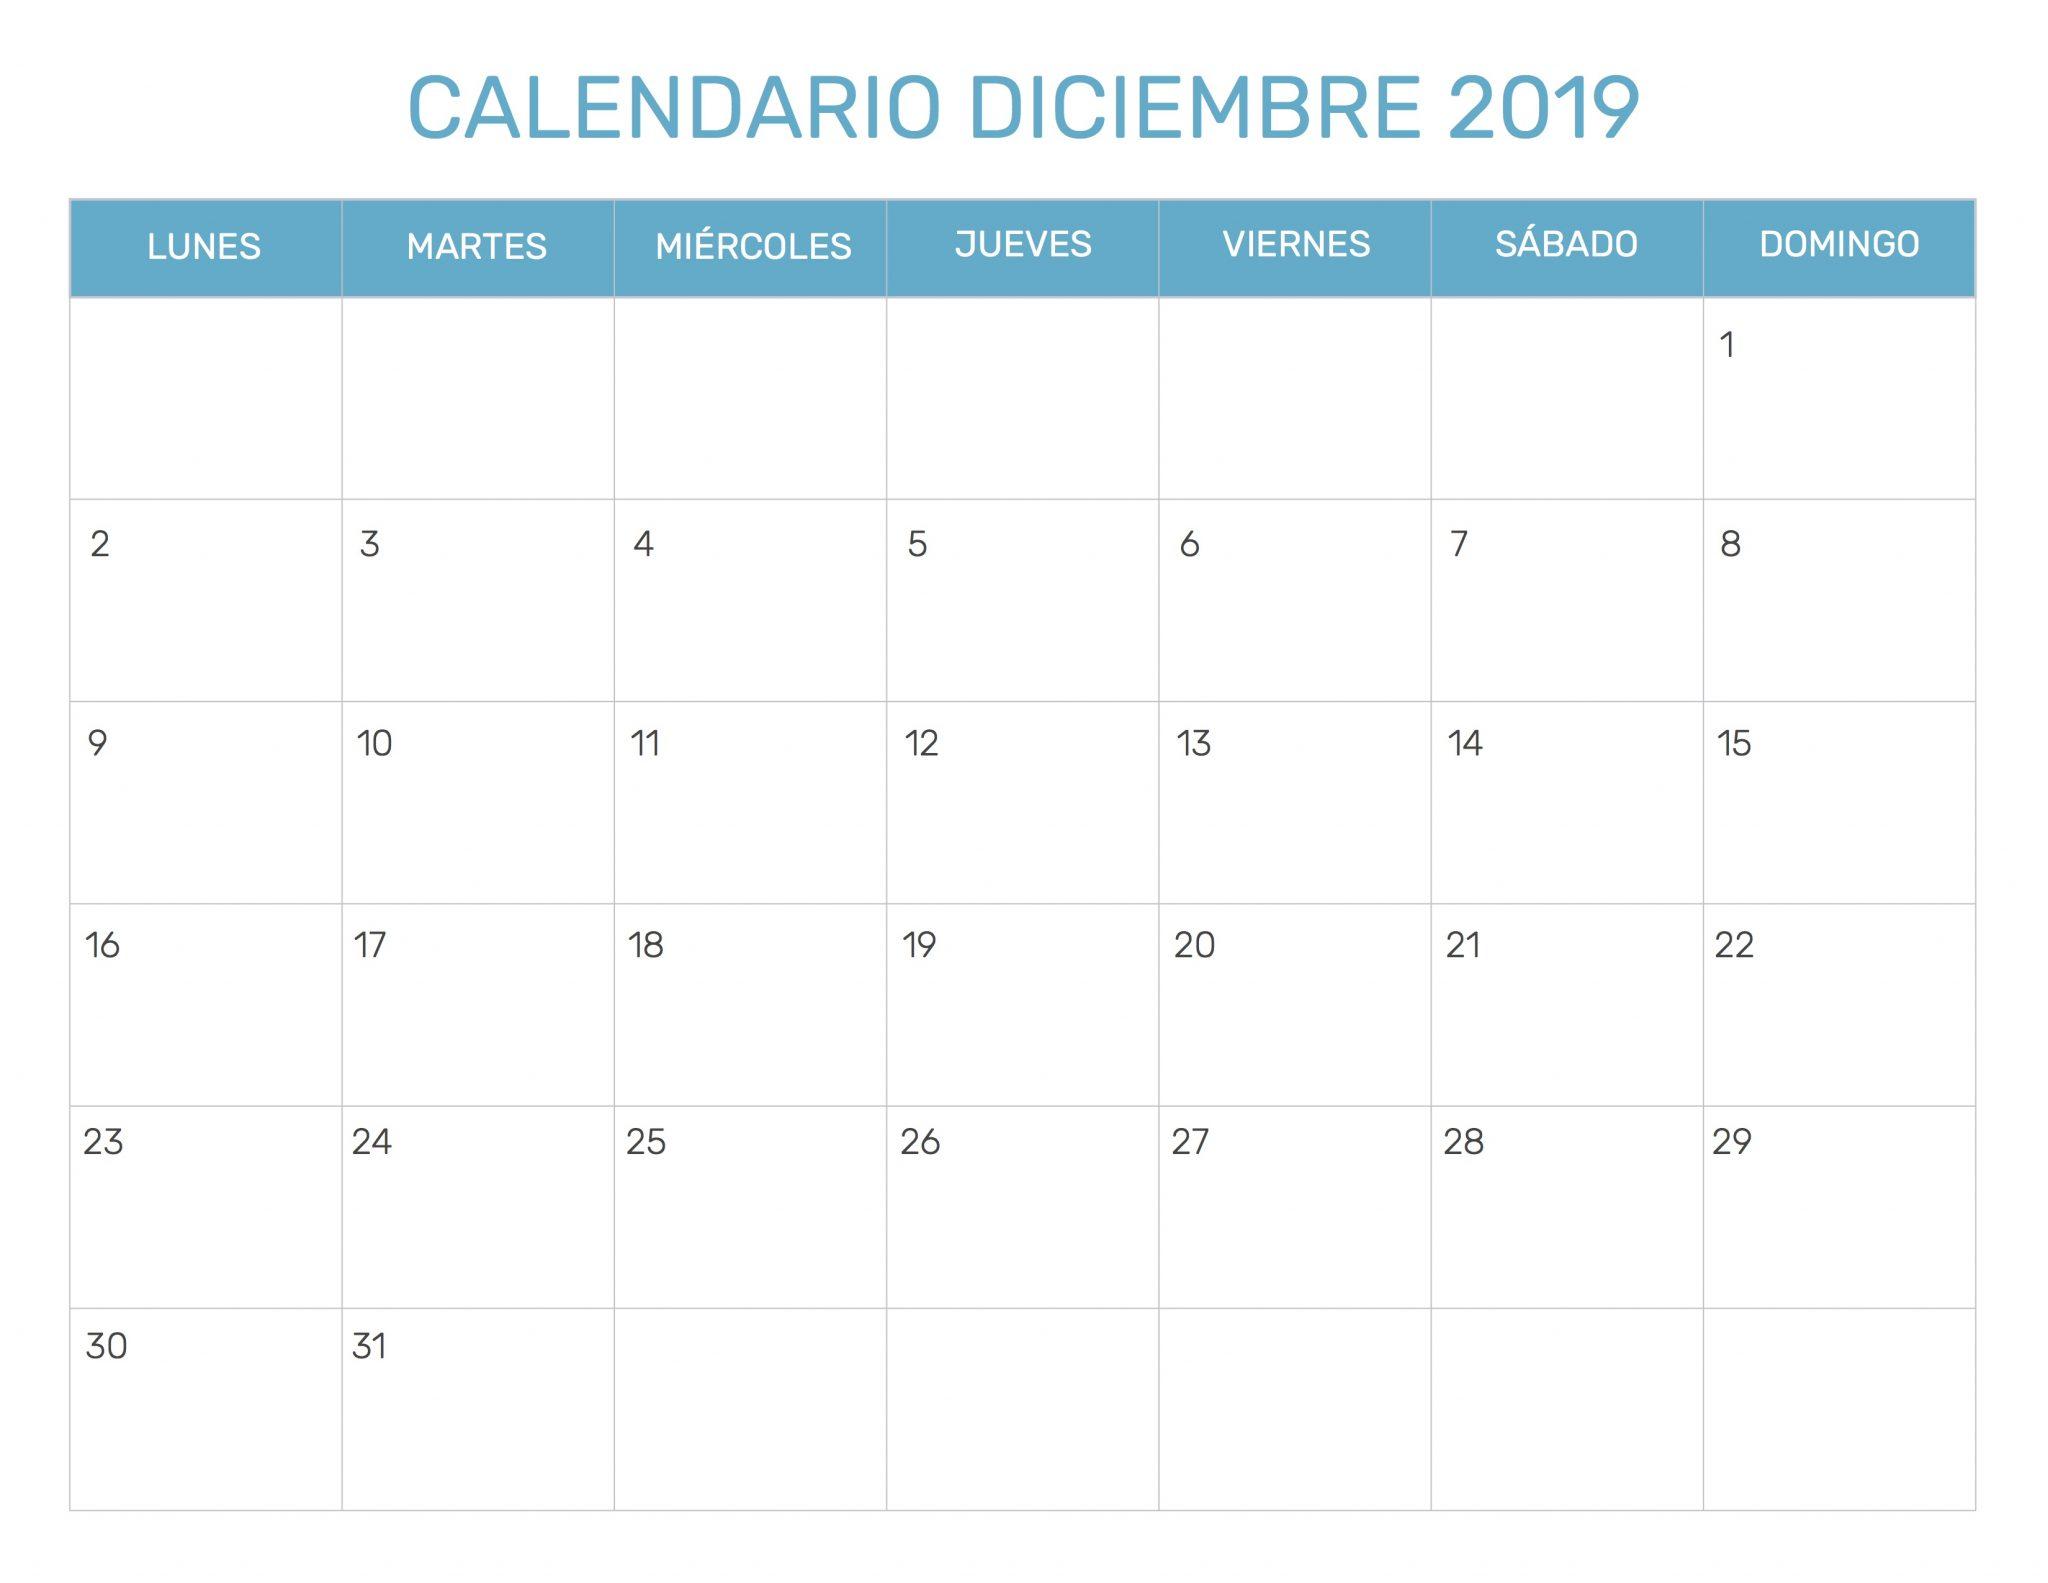 Free calendario diciembre 2019